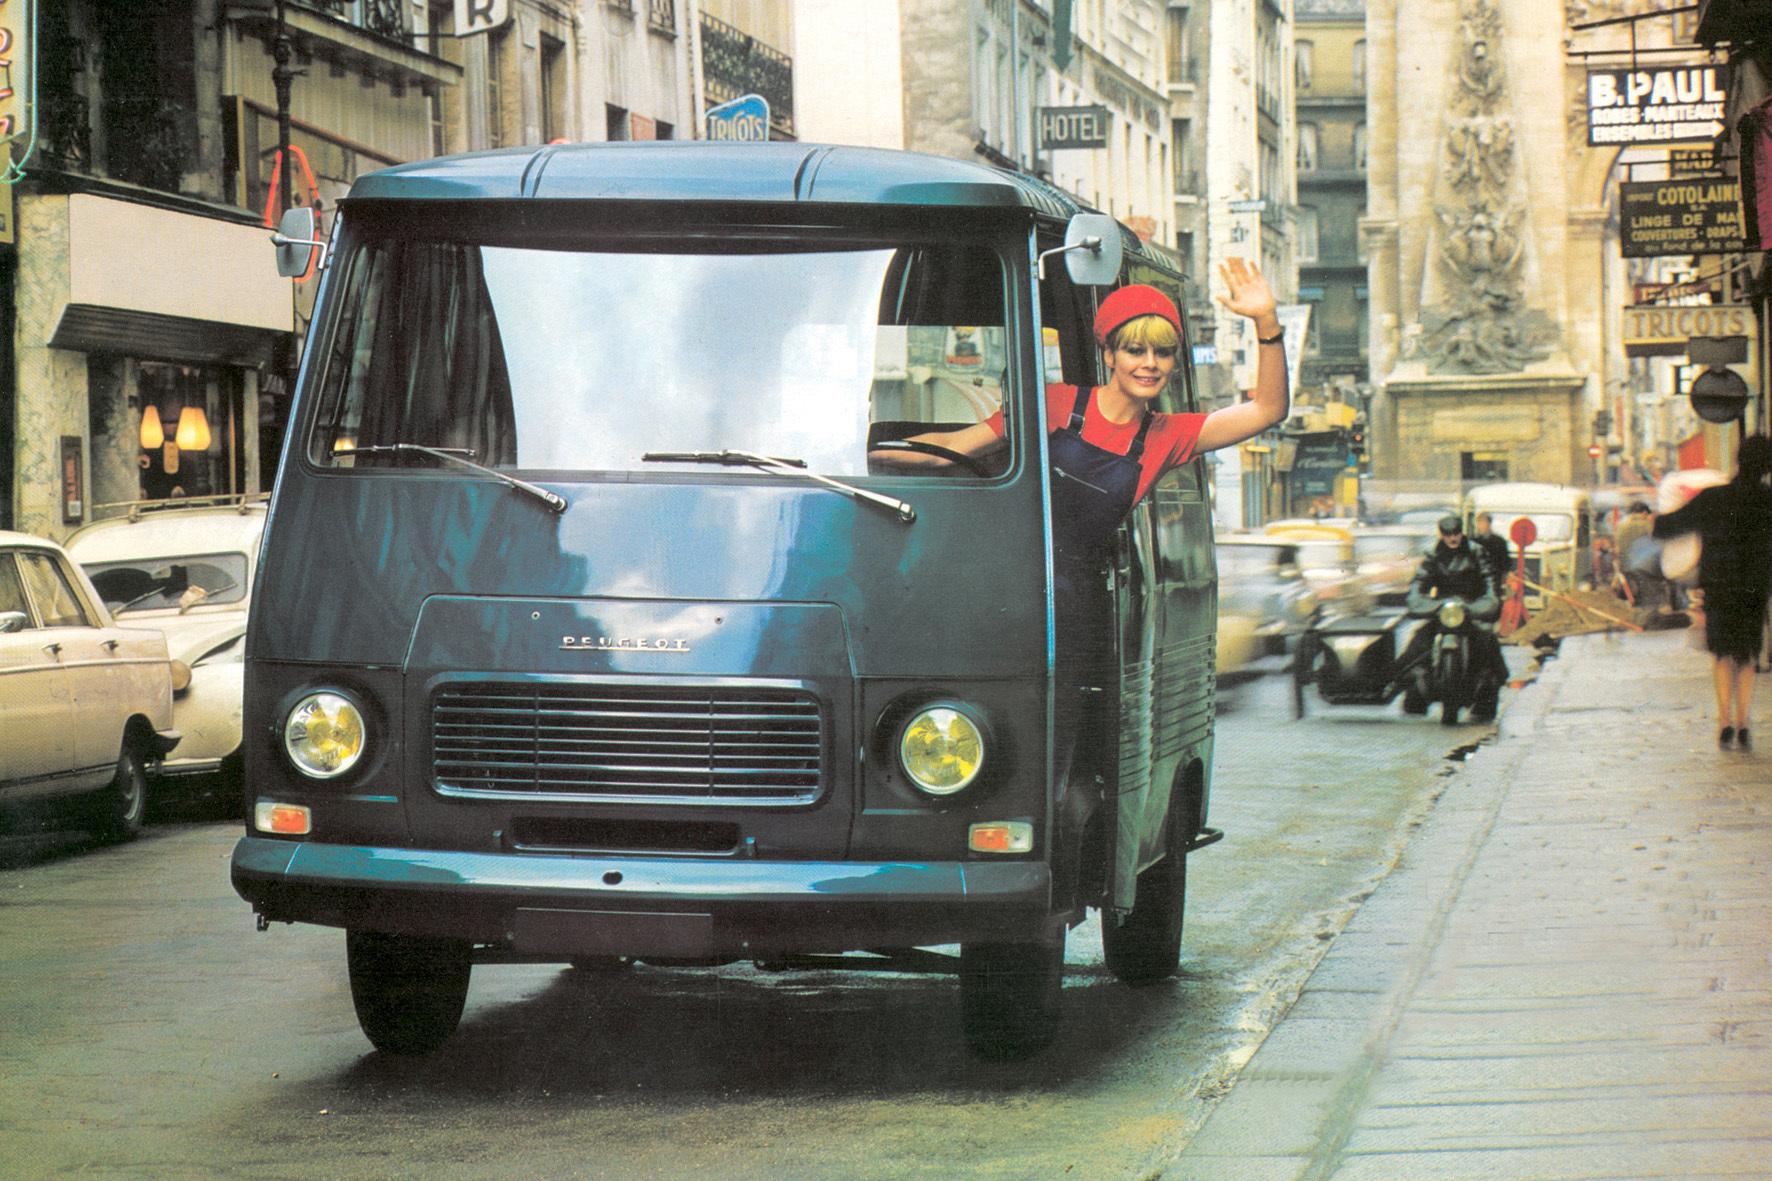 mid Düsseldorf - Vielseitiger Lastesel mit Kultstatus: Der Peugeot J7 wurde von 1965 bis 1980 insgesamt 336.220 Mal gebaut und war ein Trendsetter bei den Transportern.